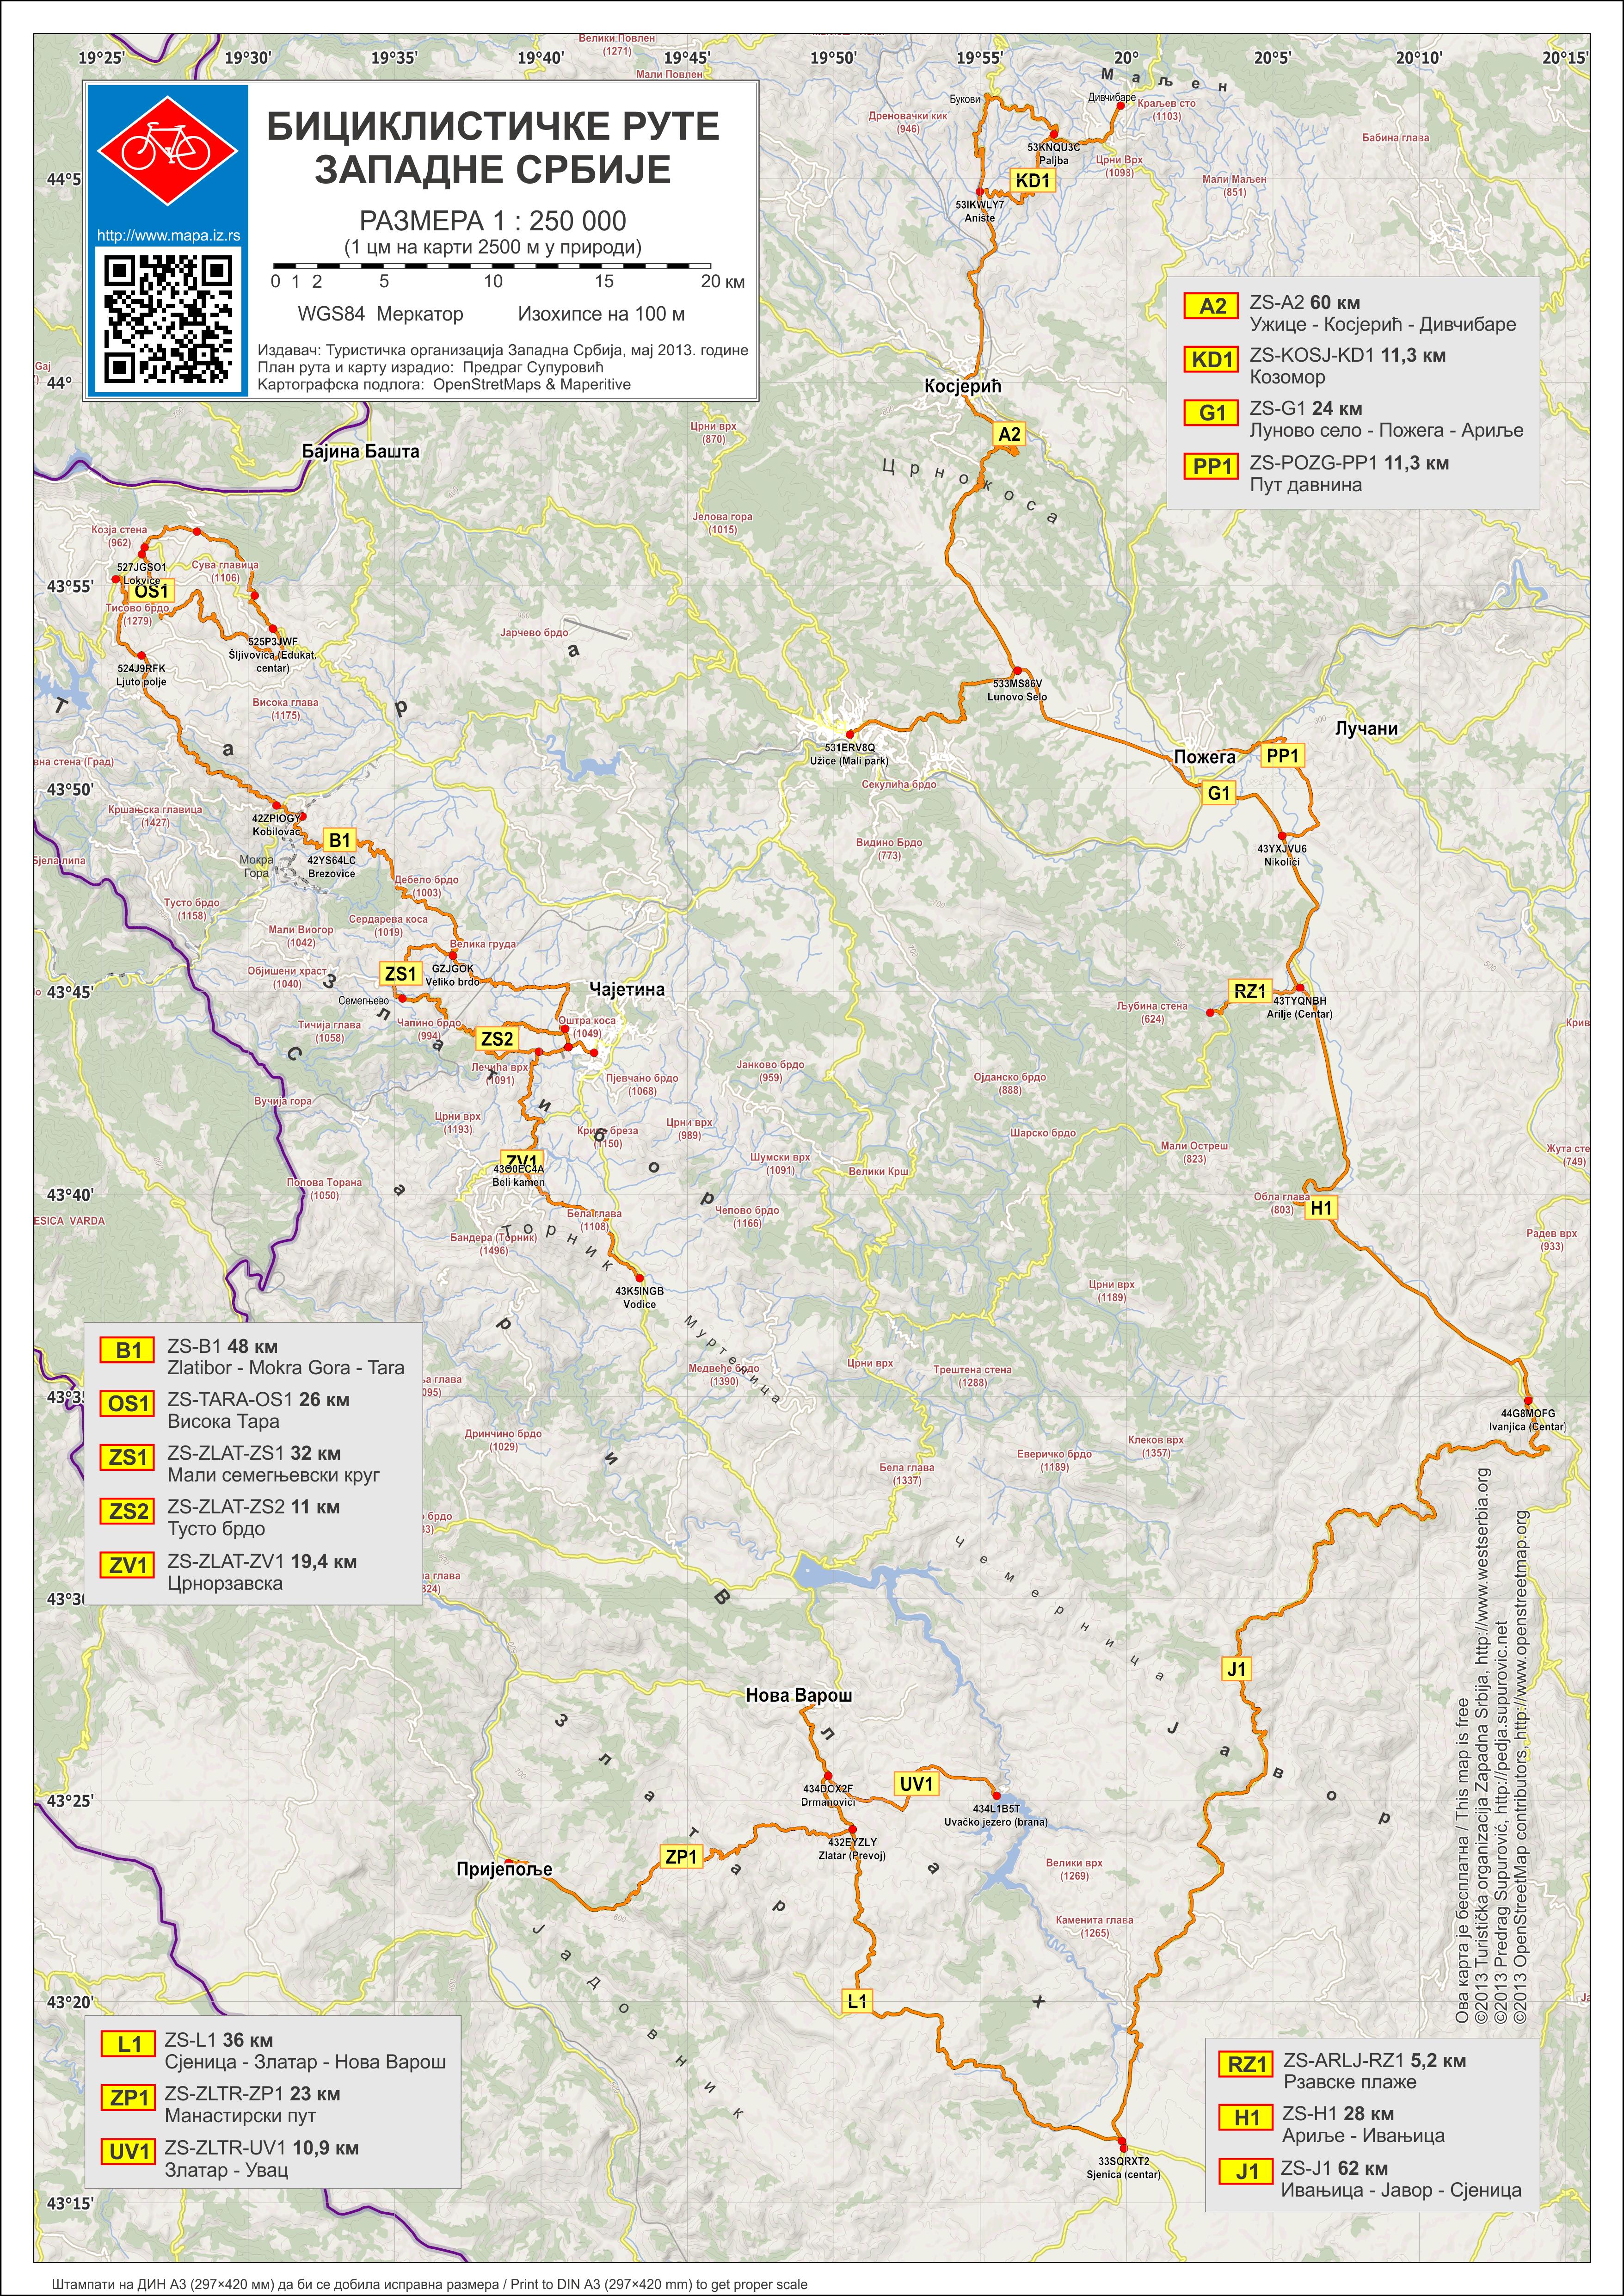 mapa zapadna srbija Пеђа Супуровић, бележница » Обележене бициклистичке руте у  mapa zapadna srbija